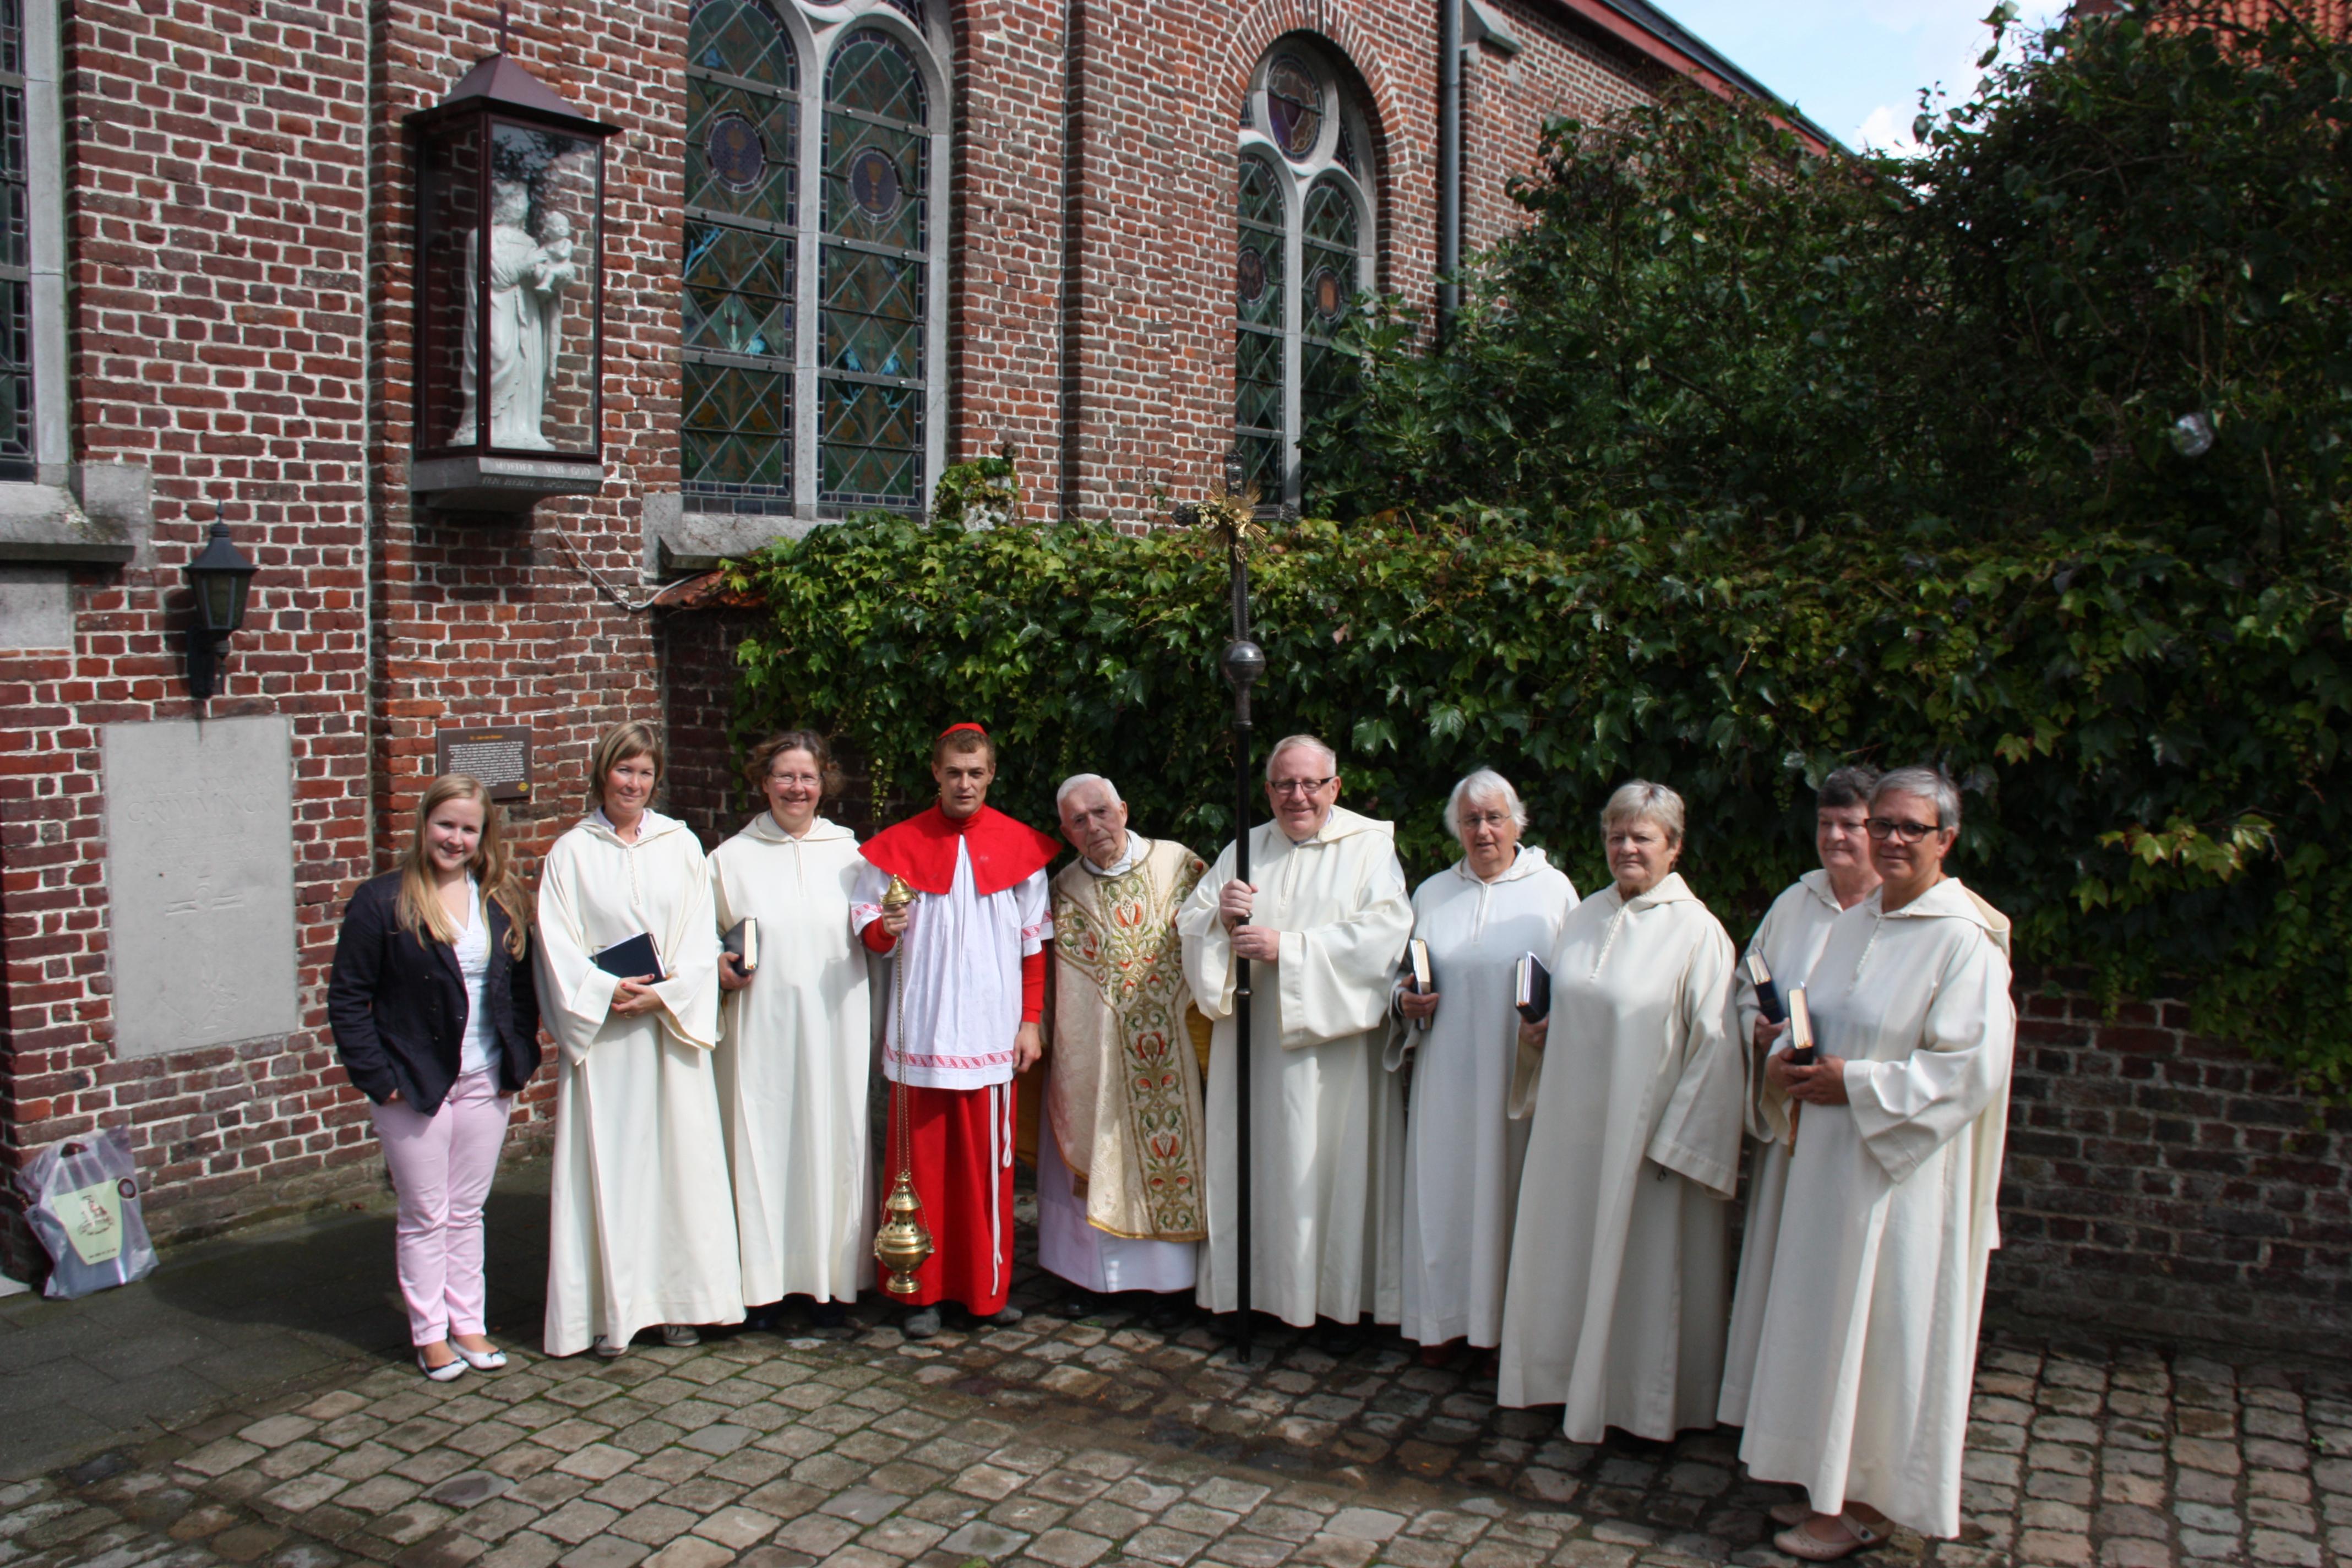 2014-08-15-stjtb mariahemelvaart (2)